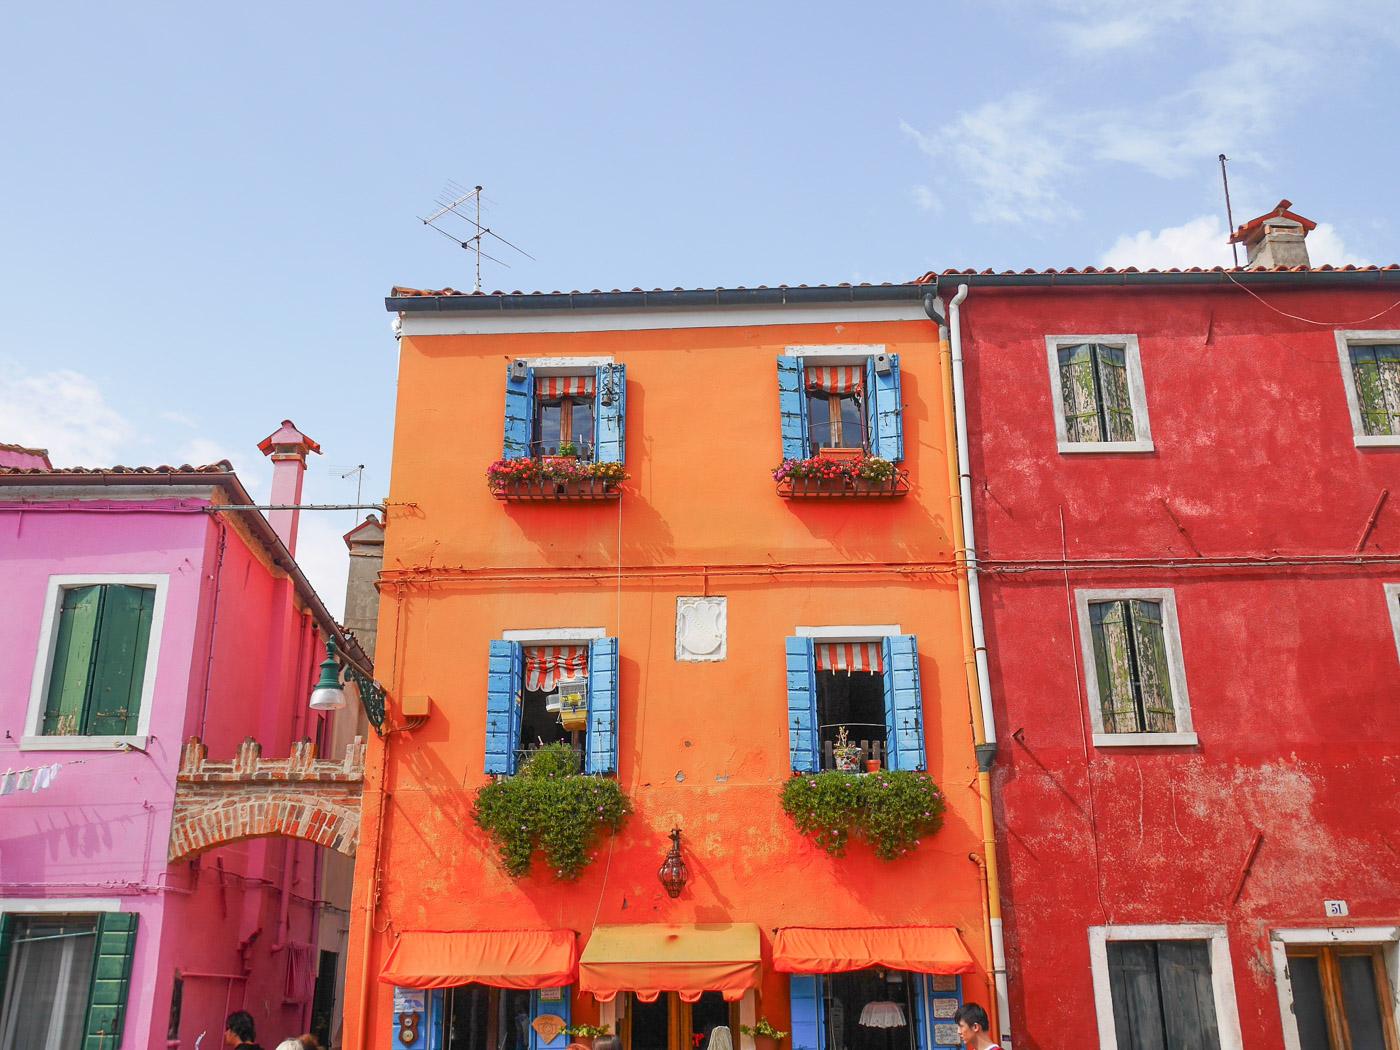 Mooiste plekken Italie burano